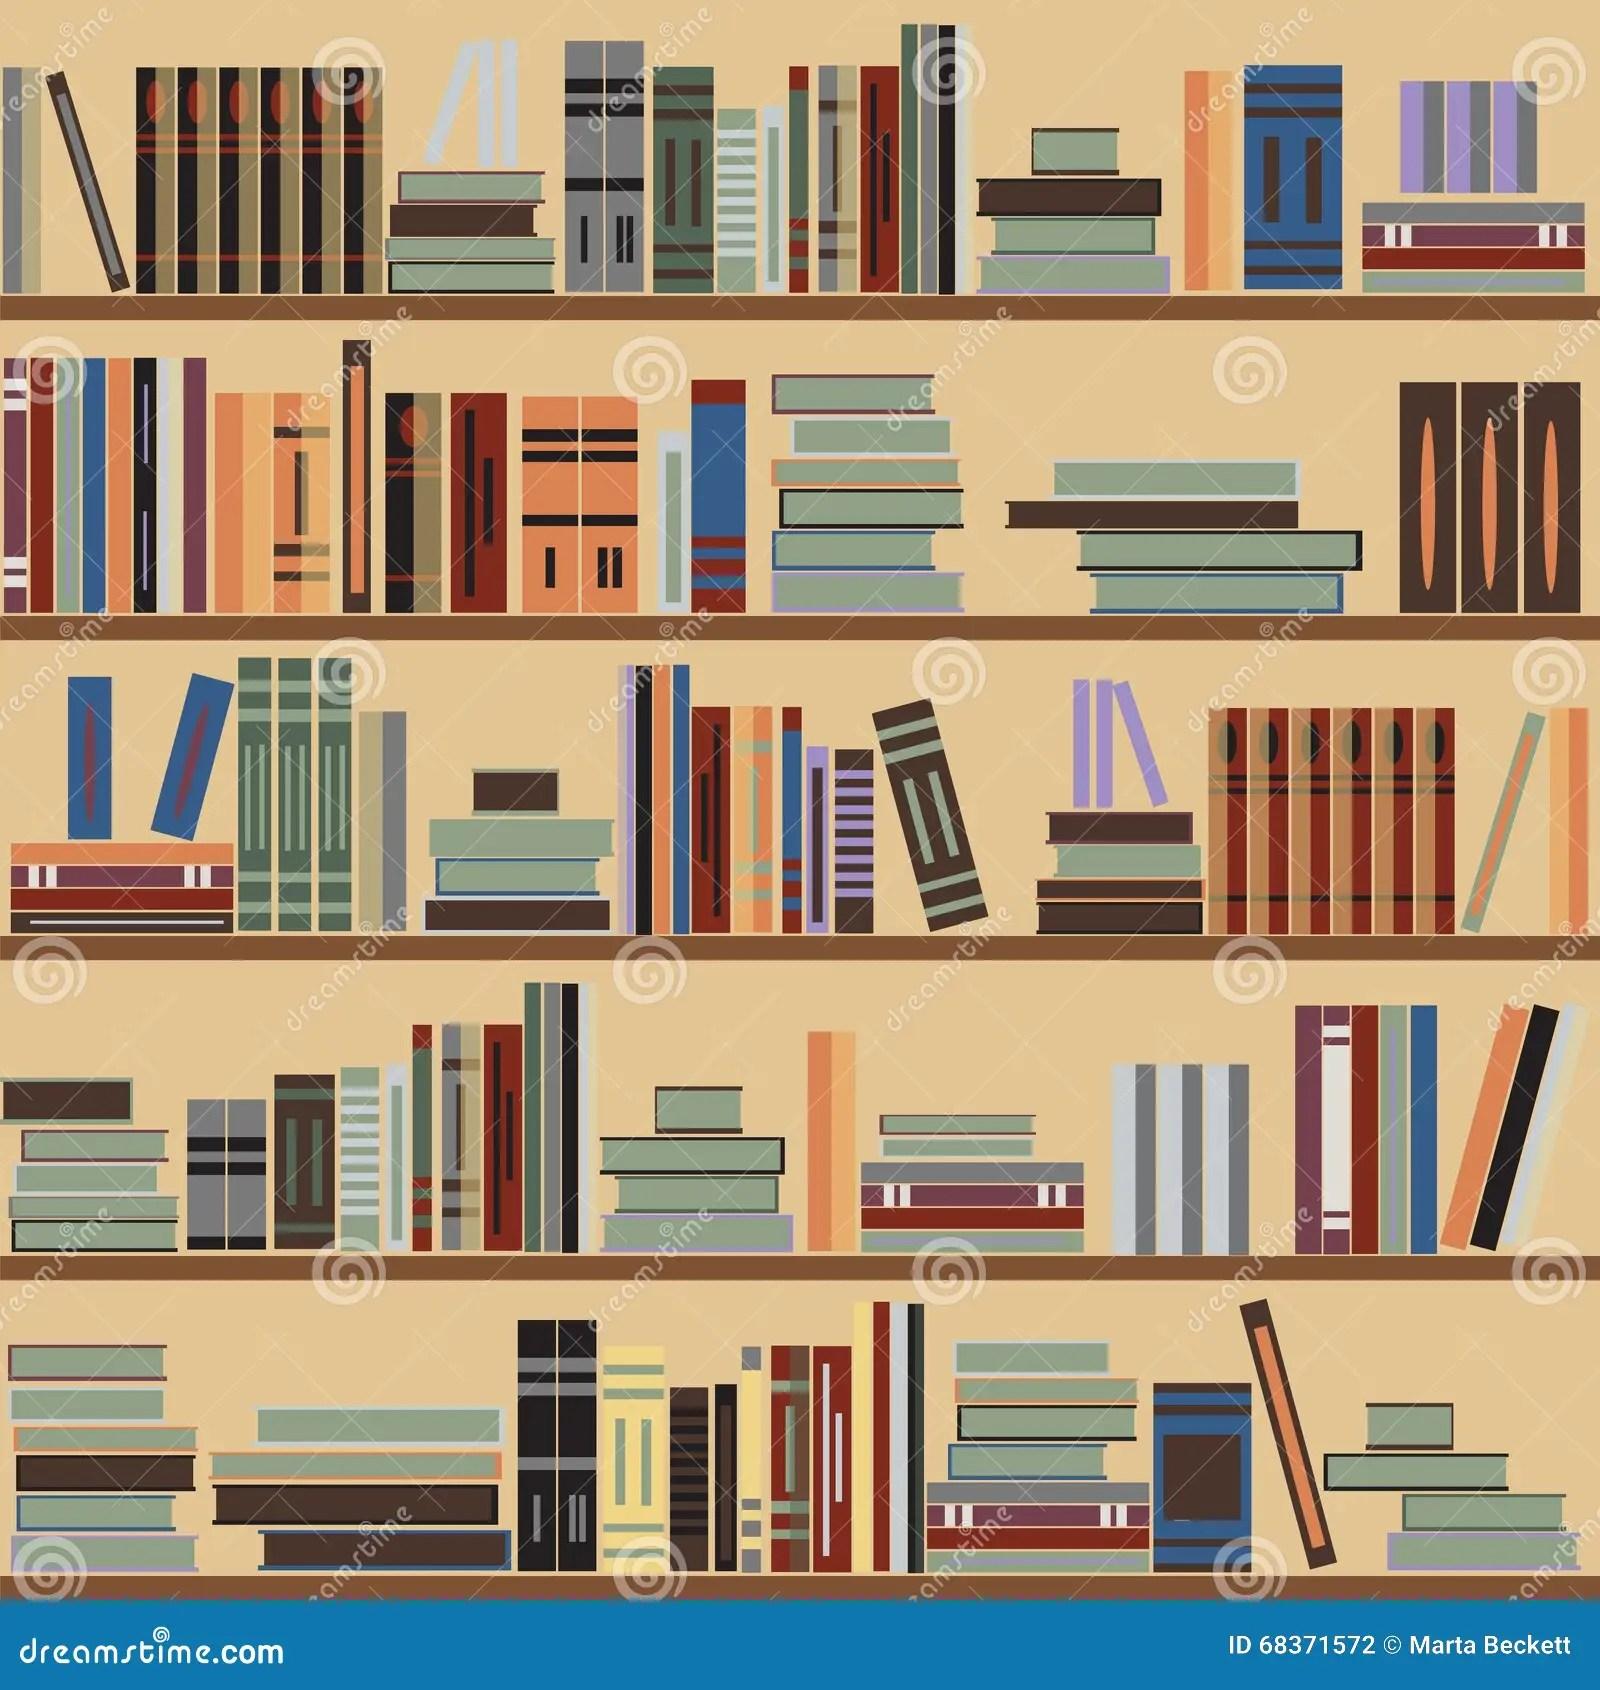 Wallpaper Falling Off Wall Vector Seamless Bookshelf Pattern Random Books On Shelves